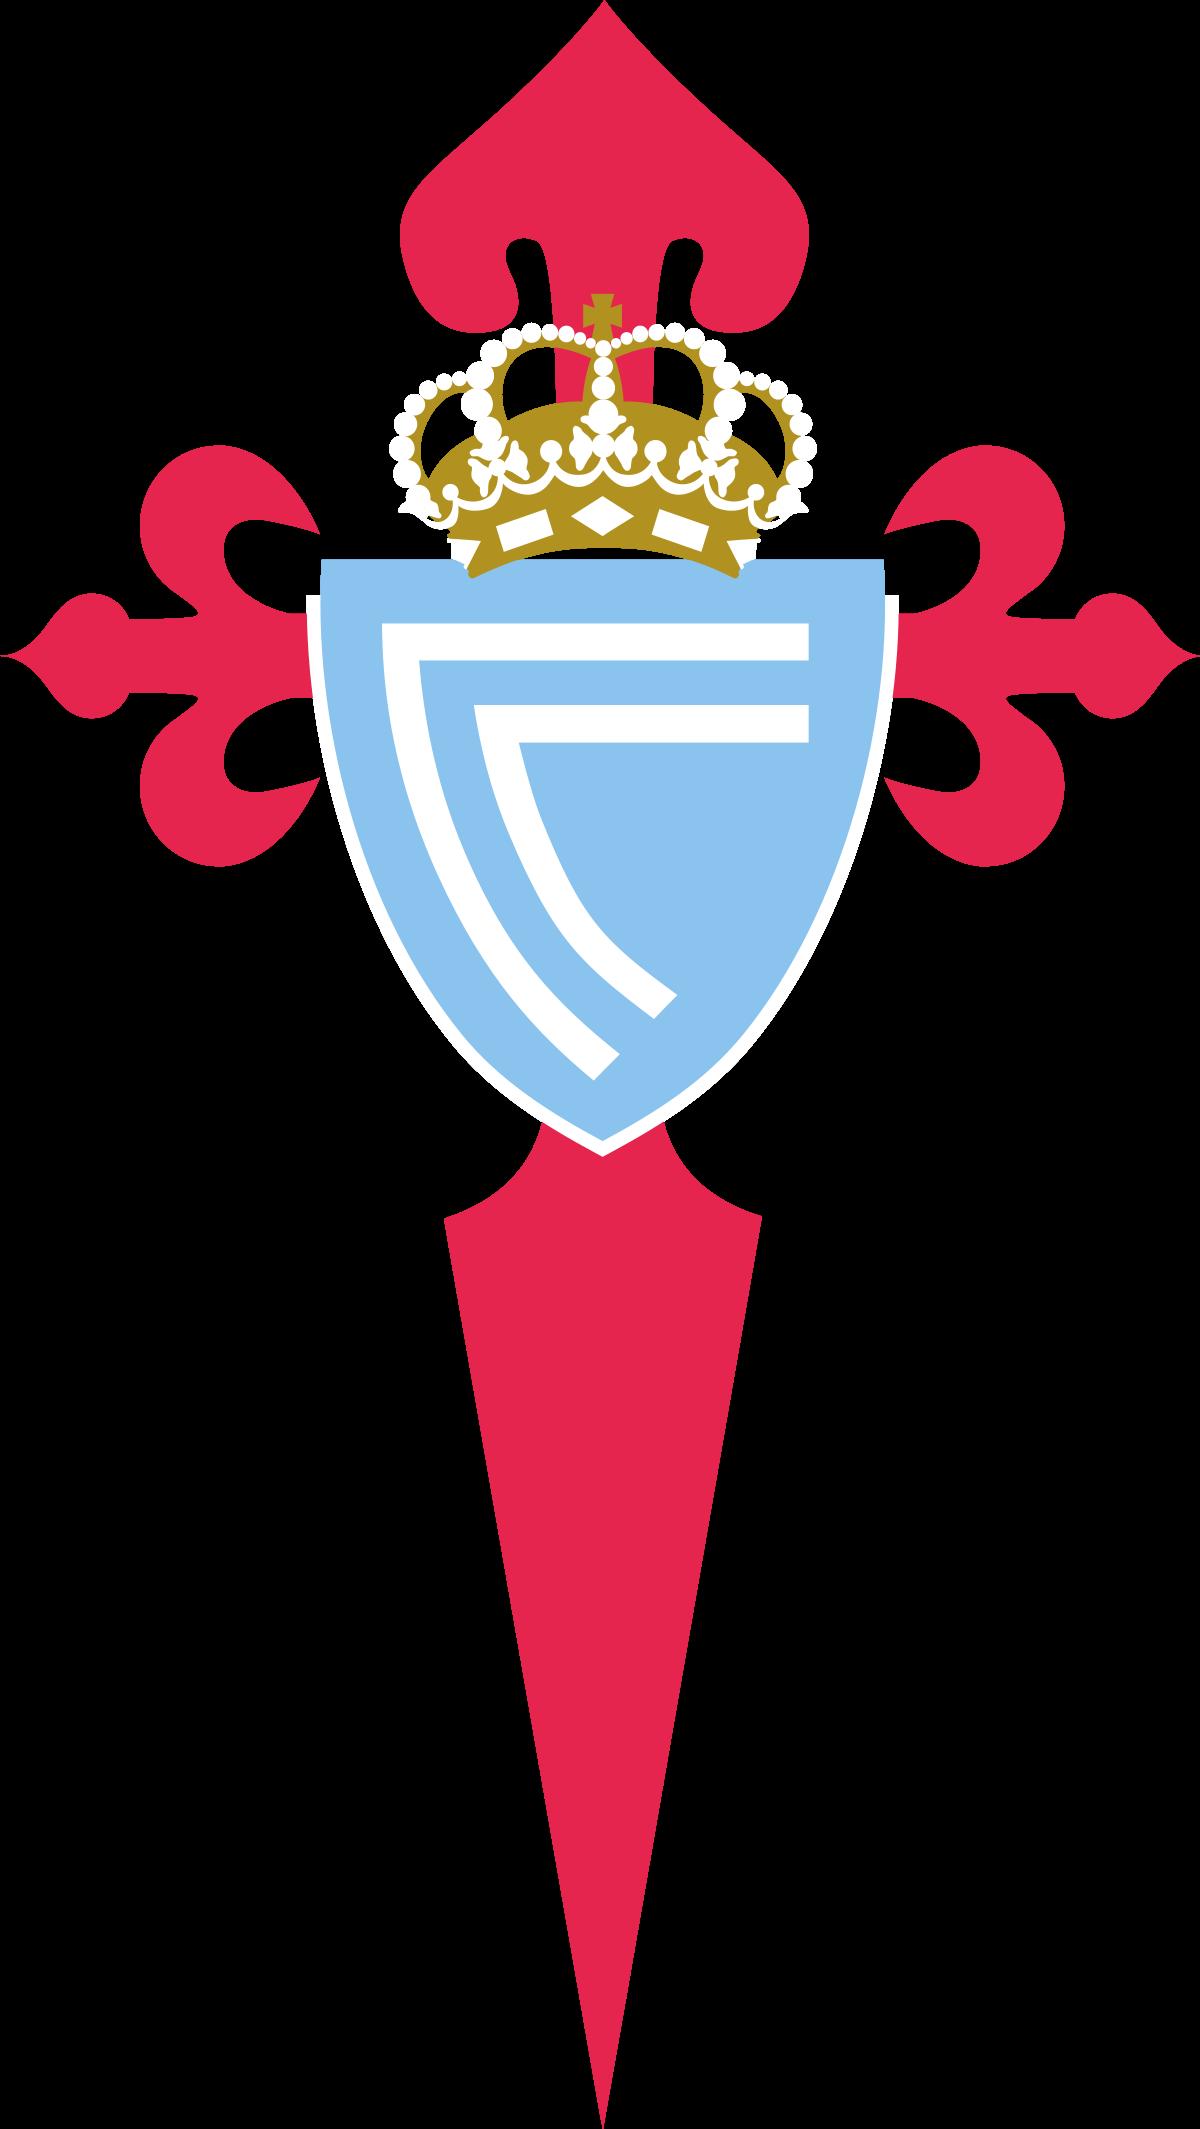 Kết quả hình ảnh cho logo Celta Vigo